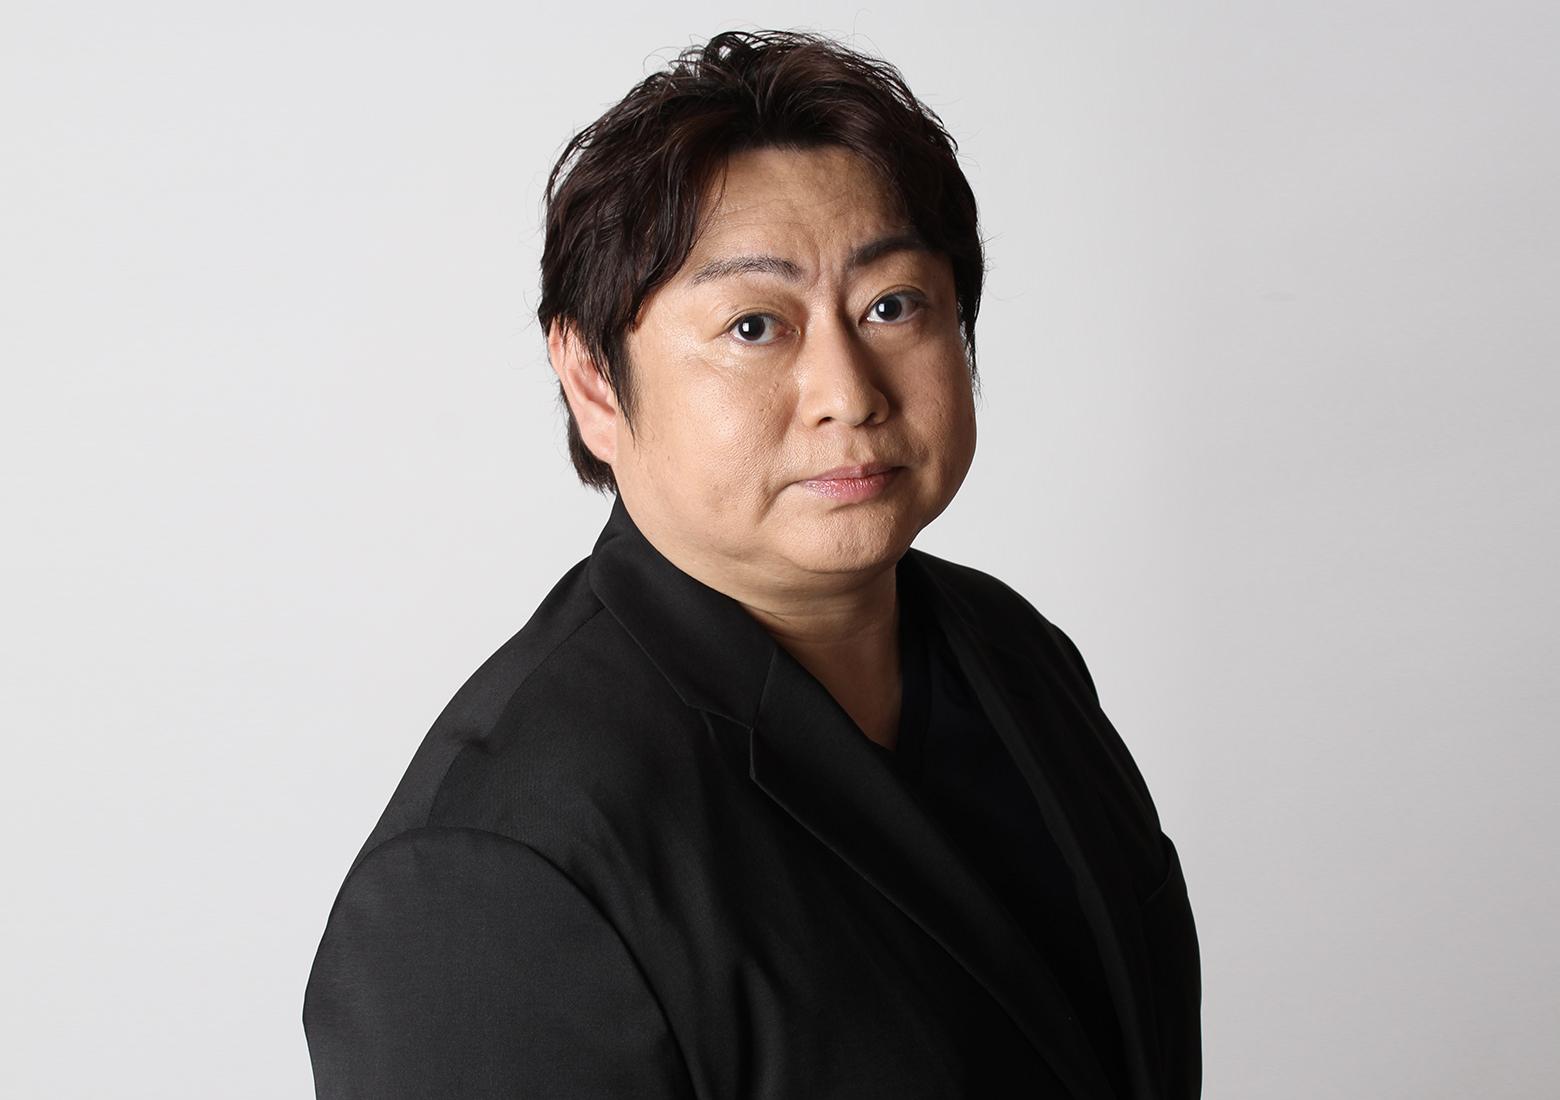 宇宙ビジネス専門家、齊田興哉 取締役就任のお知らせ